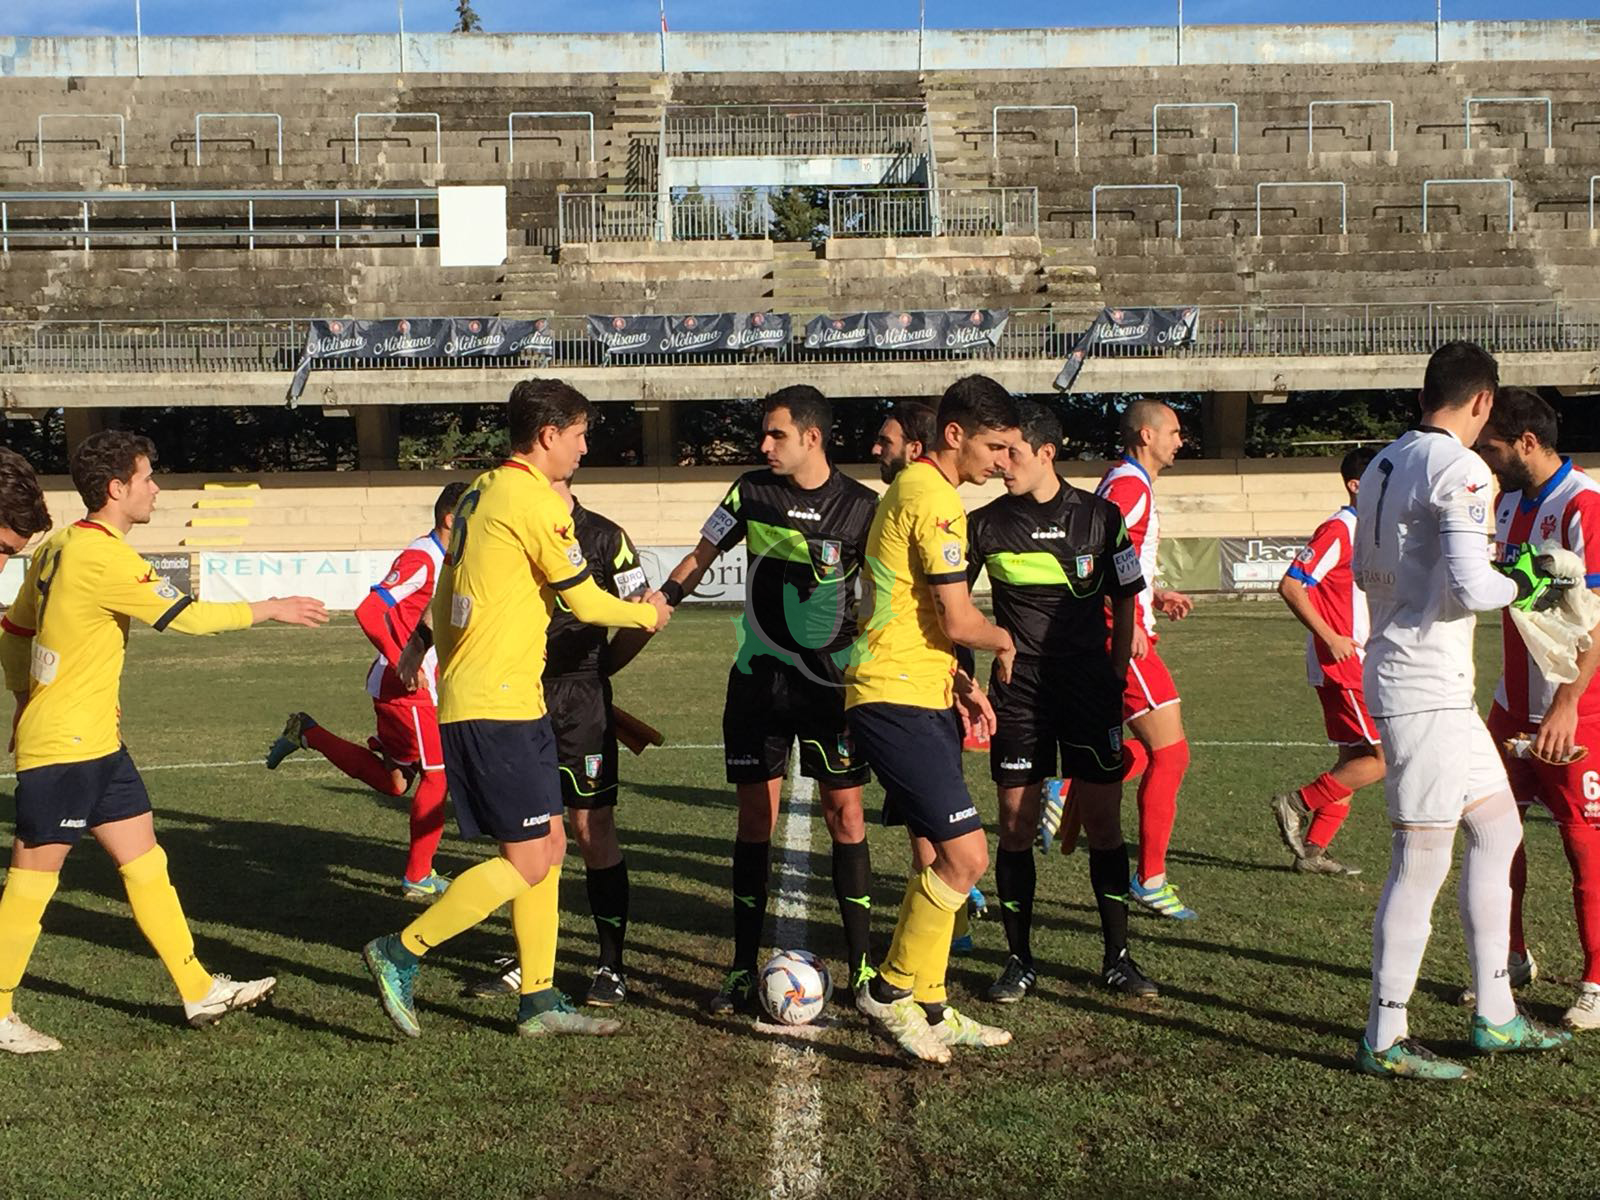 Serie D. Tonfo interno del Campobasso, vince l'Agnonese (risultati e classifica)